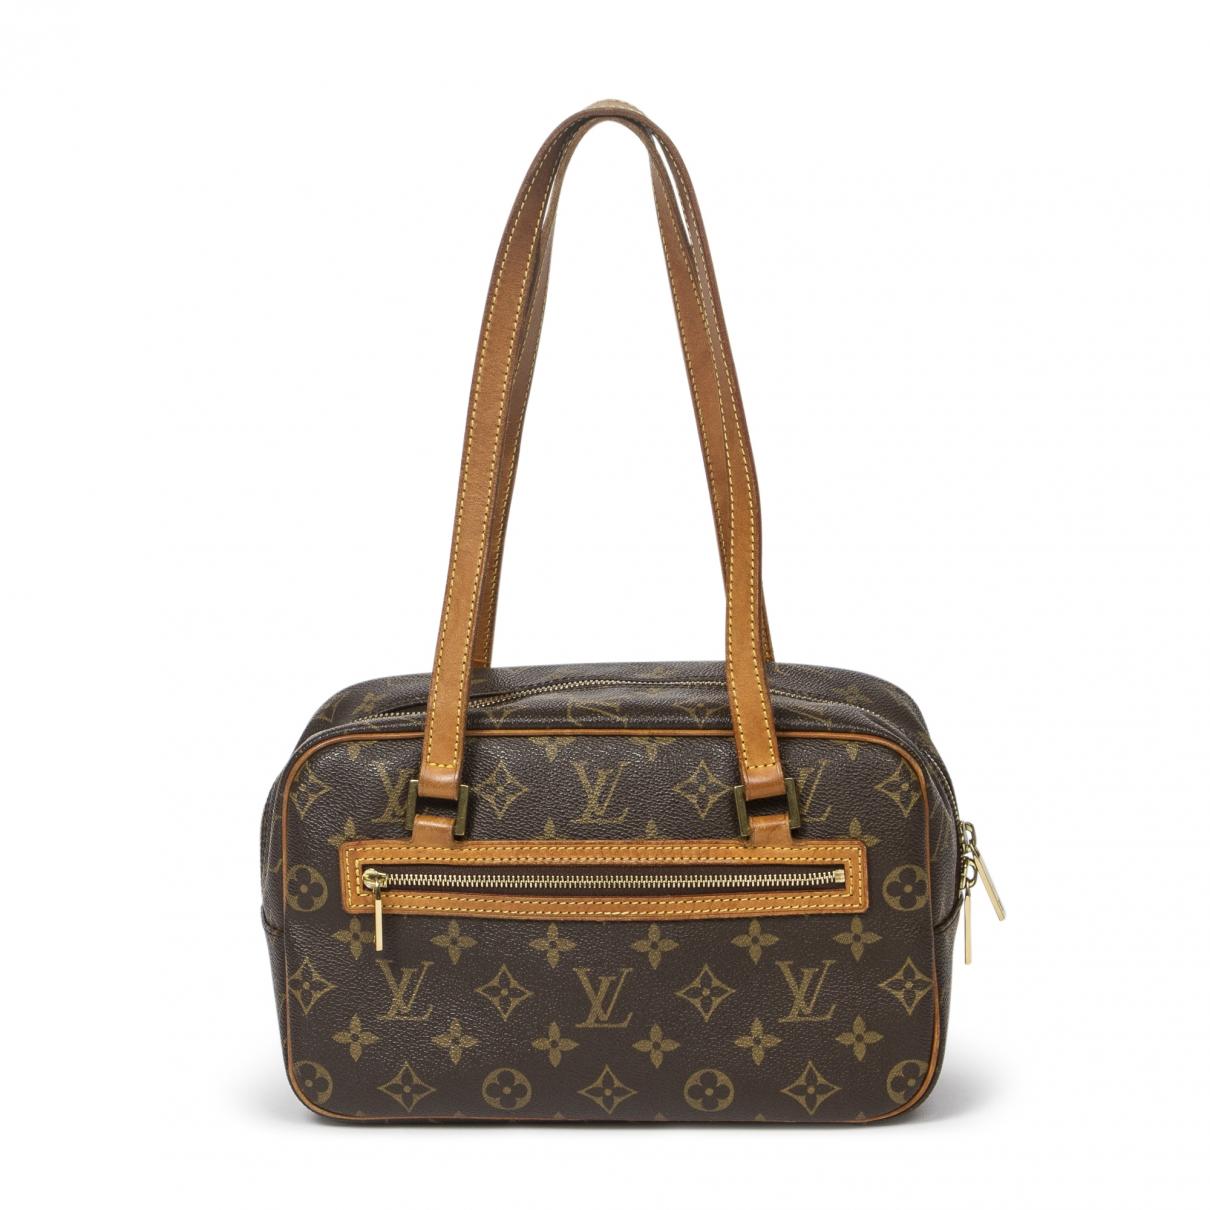 Louis Vuitton - Sac a main Cite  pour femme en cuir - marron